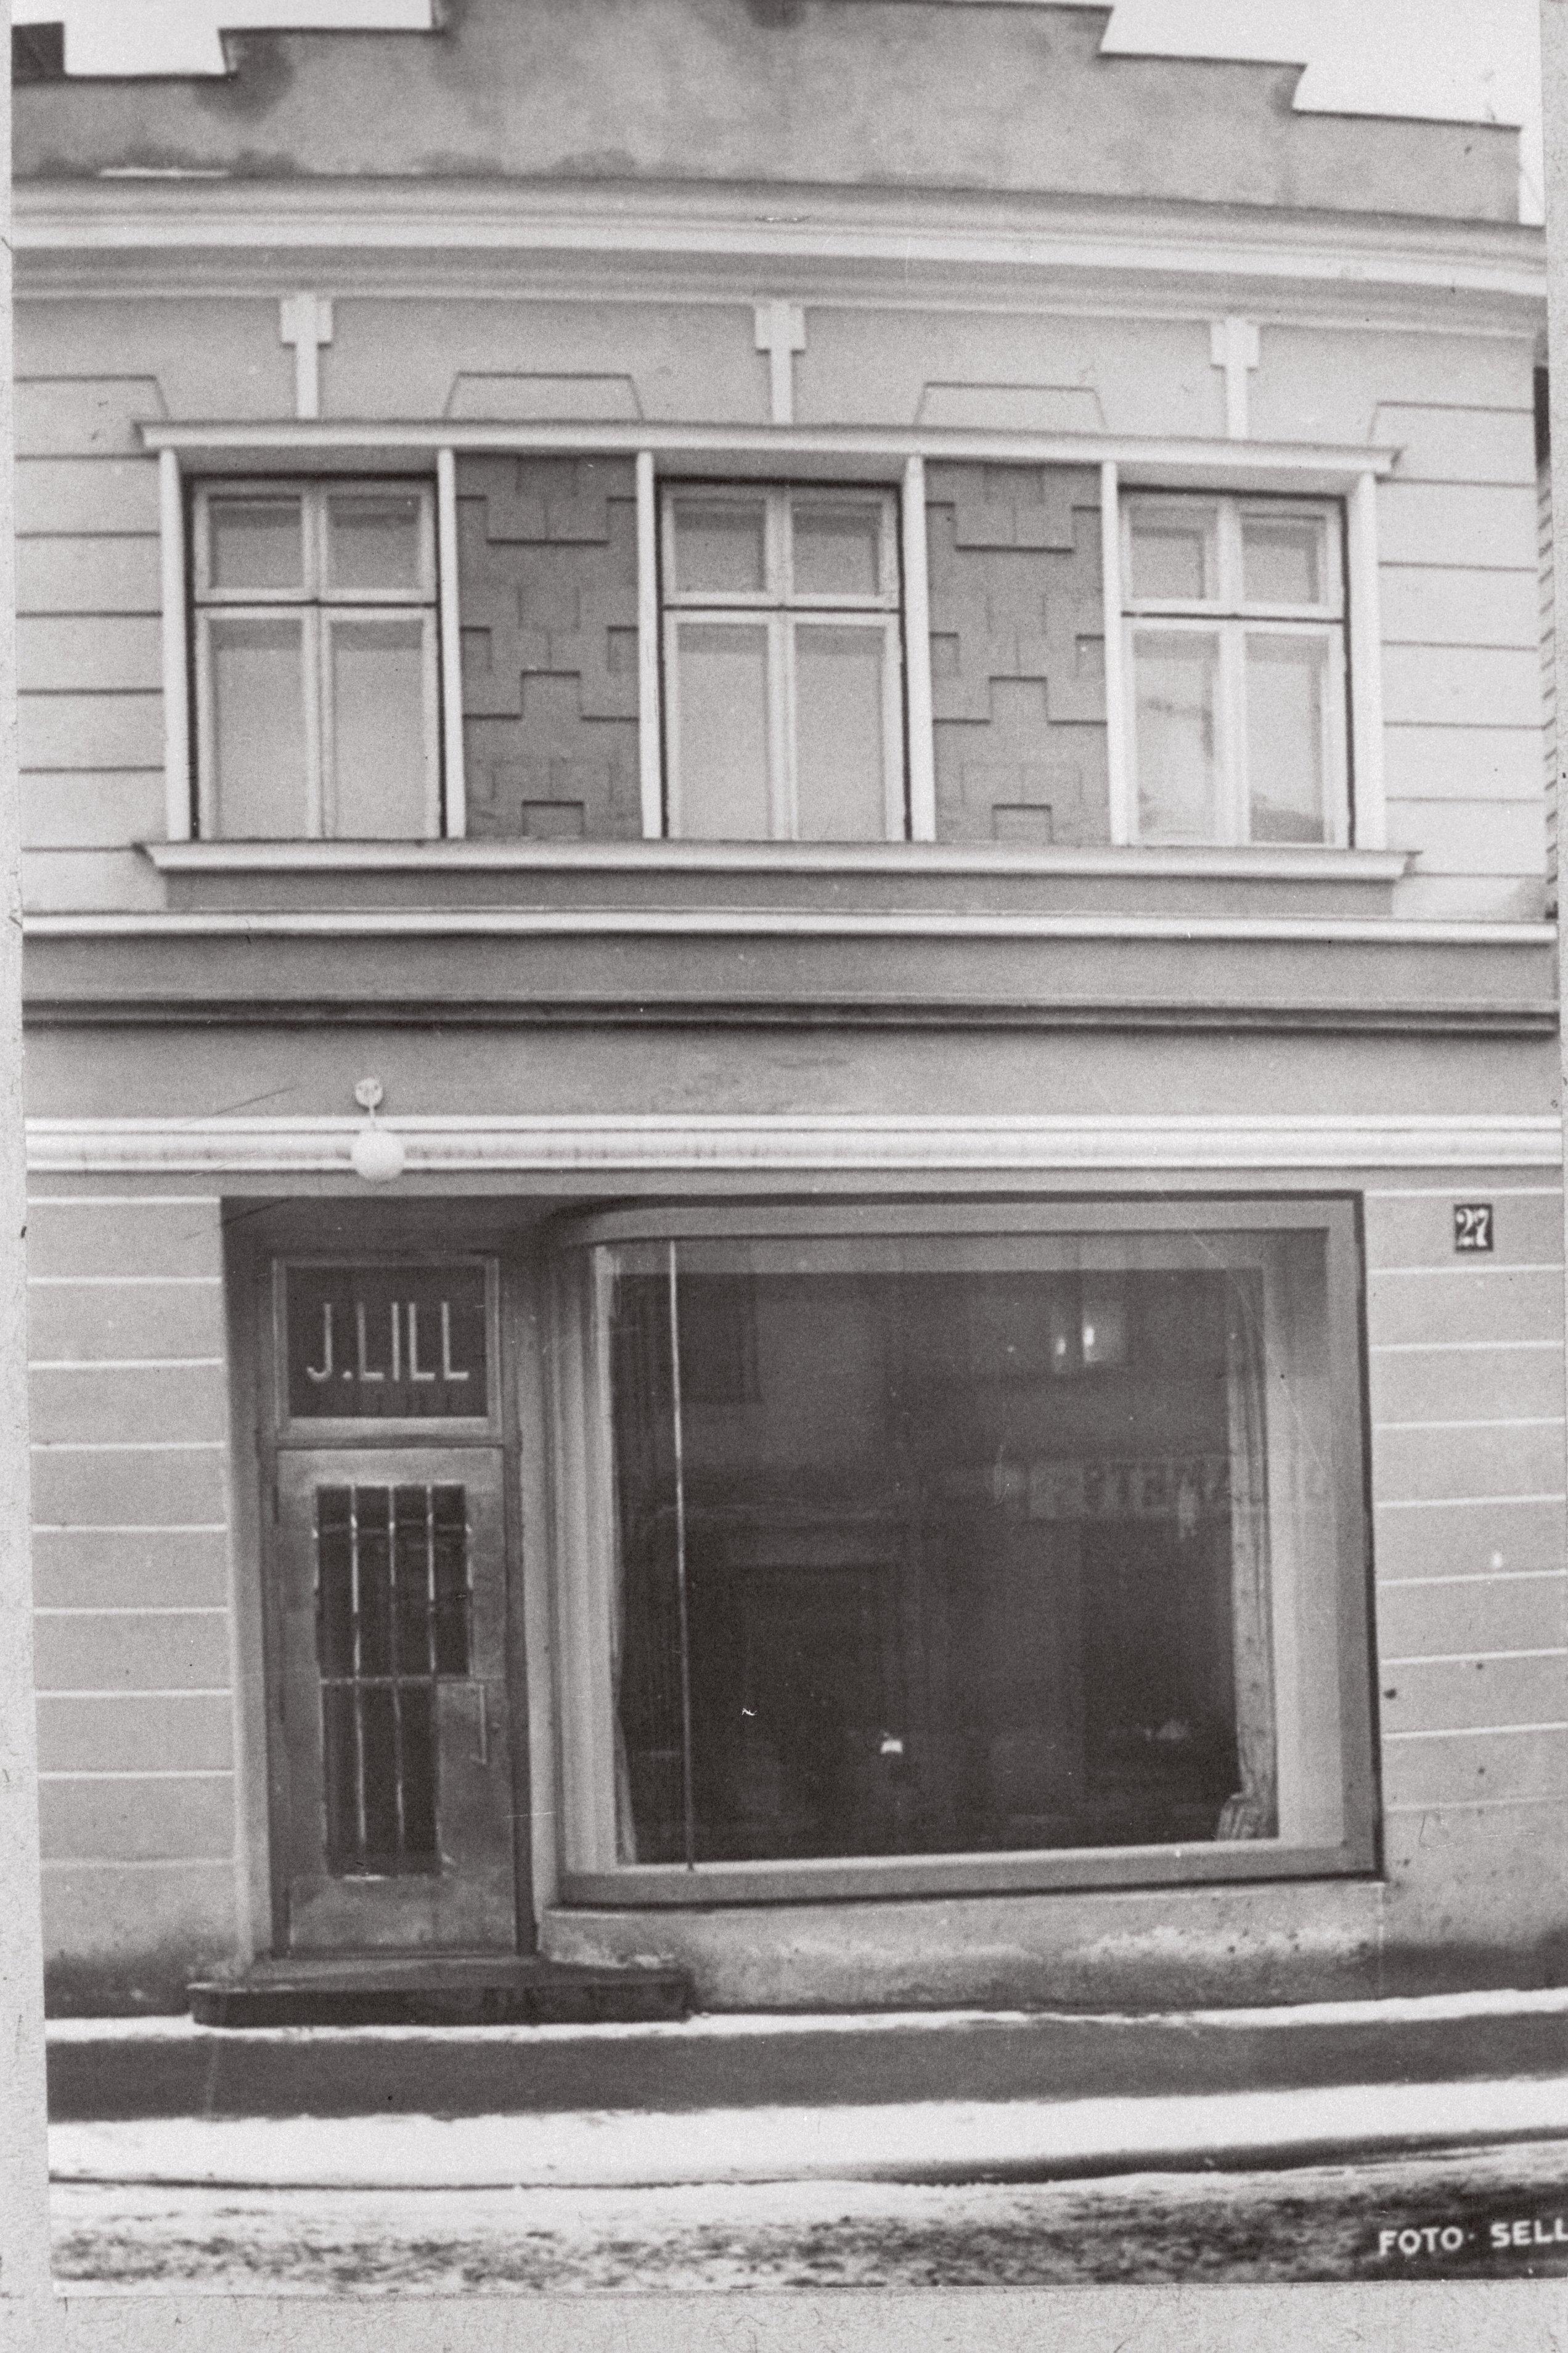 J. Lille kohvik Võidu tänav 27, Tartu. 1938 EFA.197.0-29583 Autor: Eduard Selleke